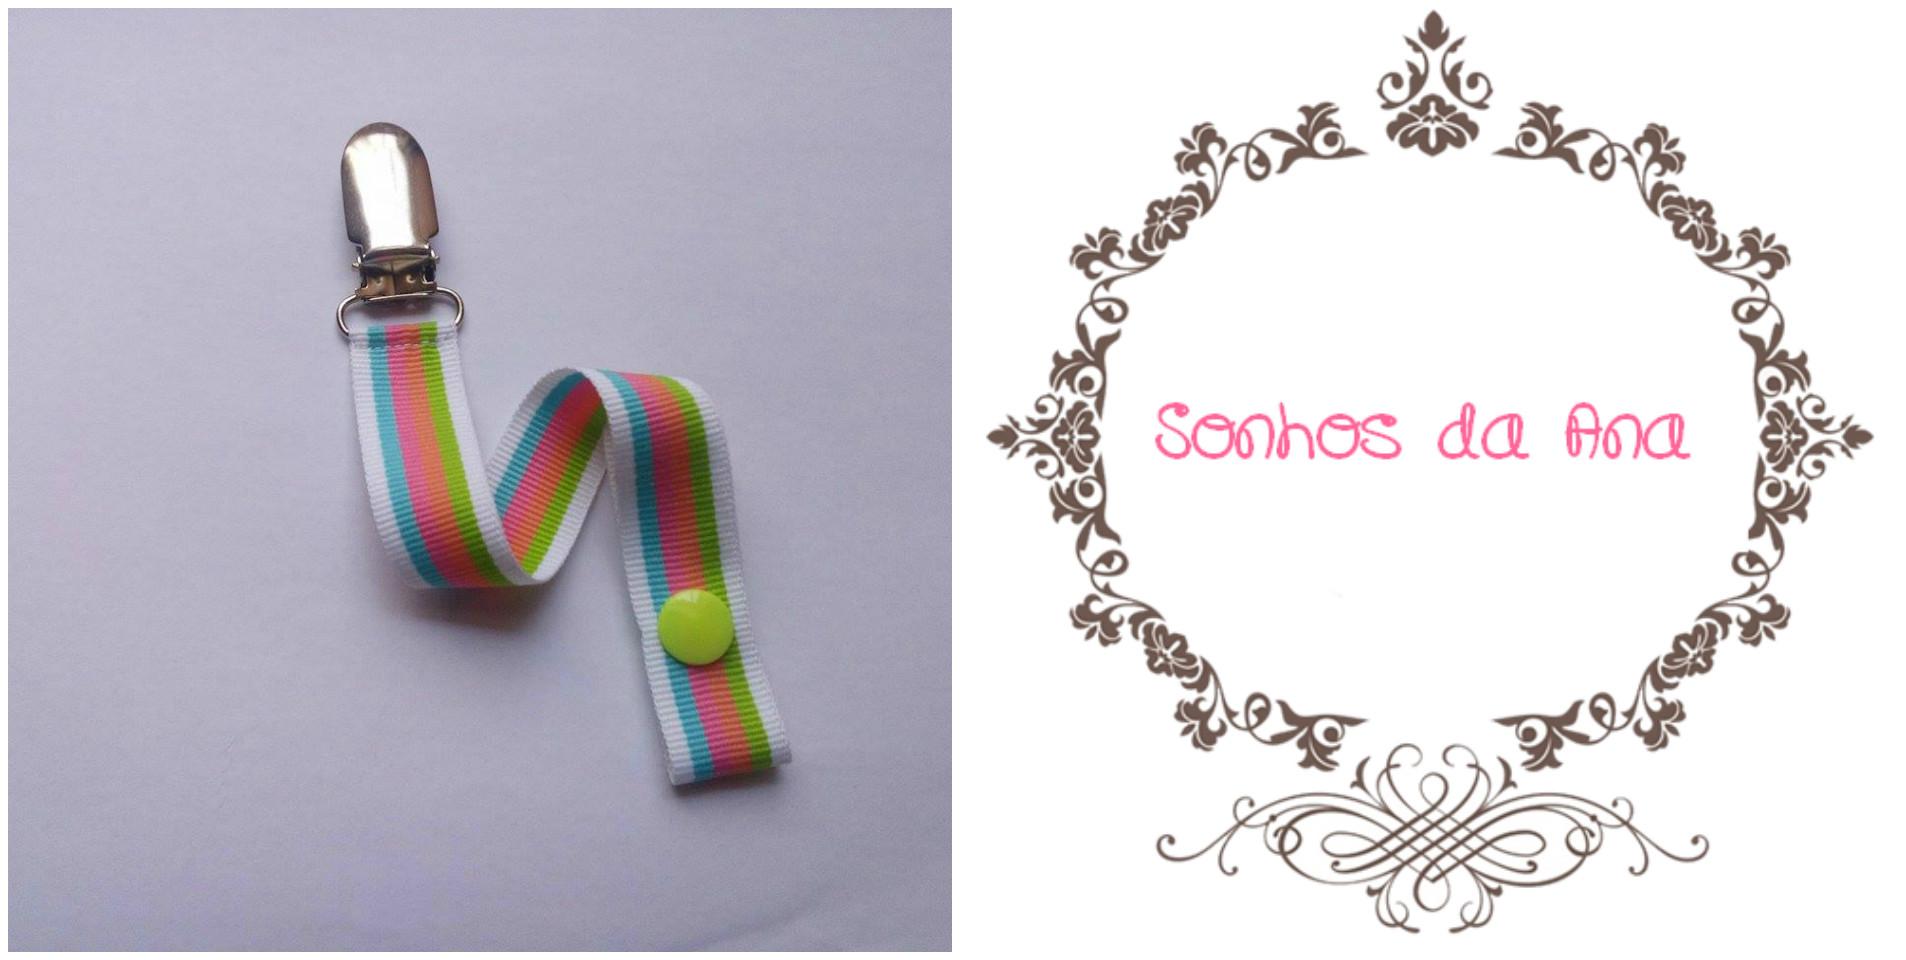 Premio2_SonhosdaAna.jpg